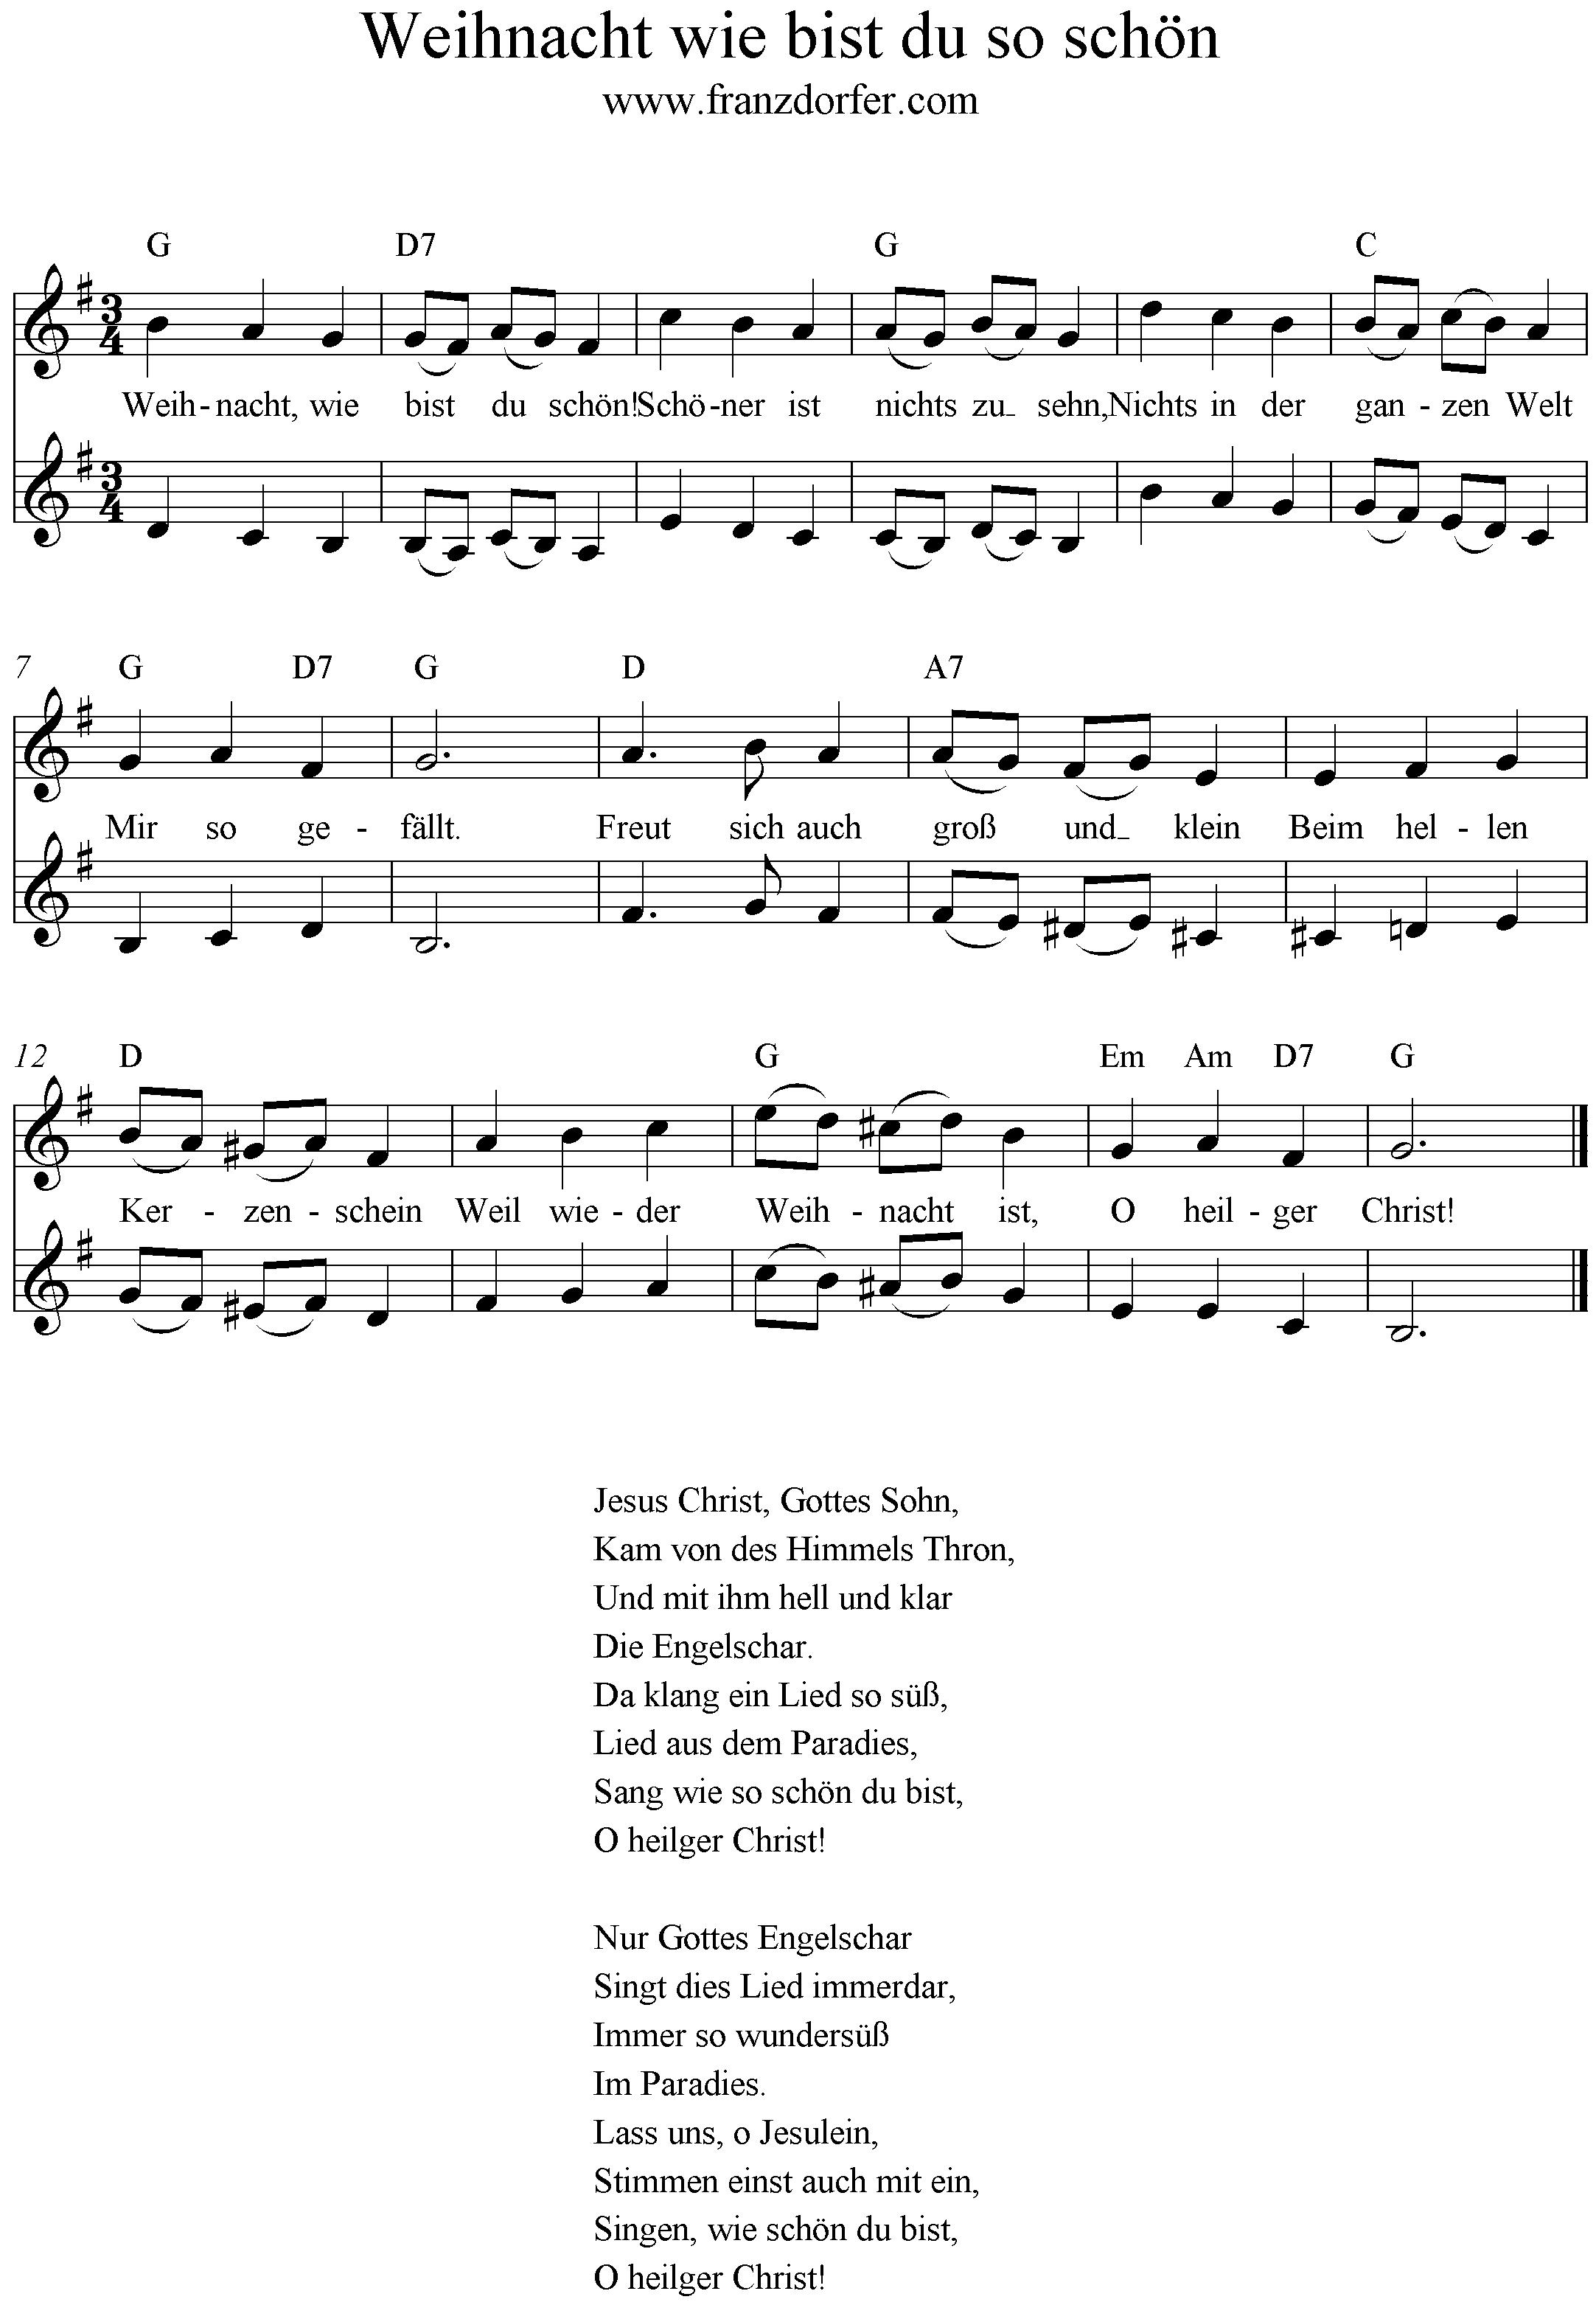 Weihnacht wie bist du schön - Klarinette